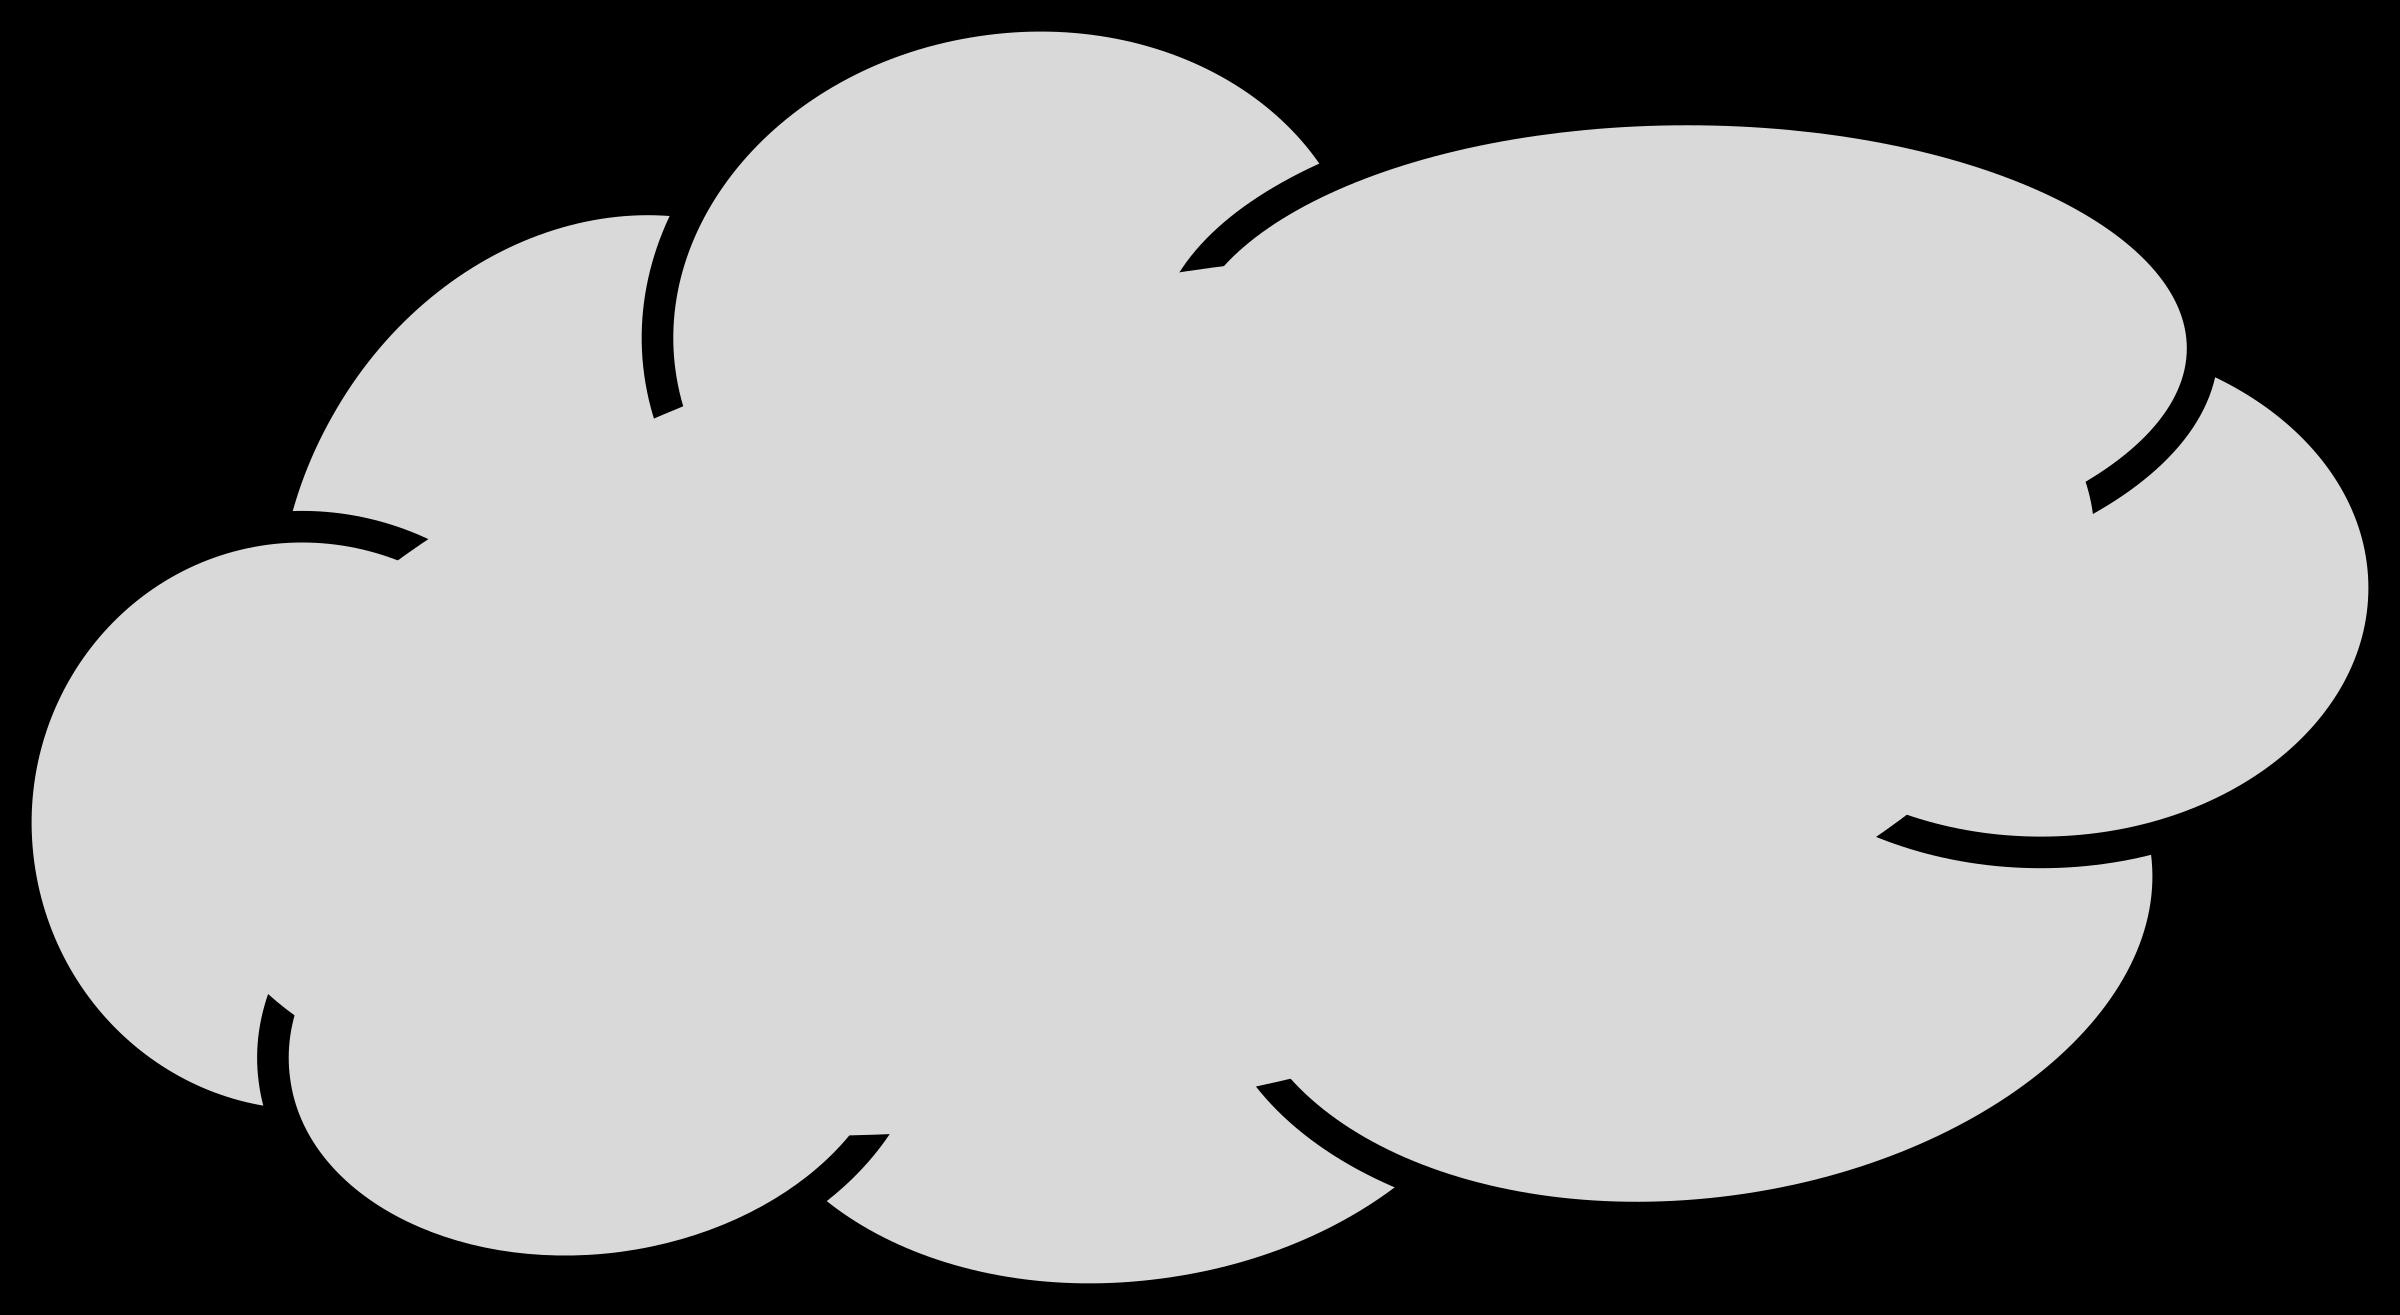 Cloud clip art 4.